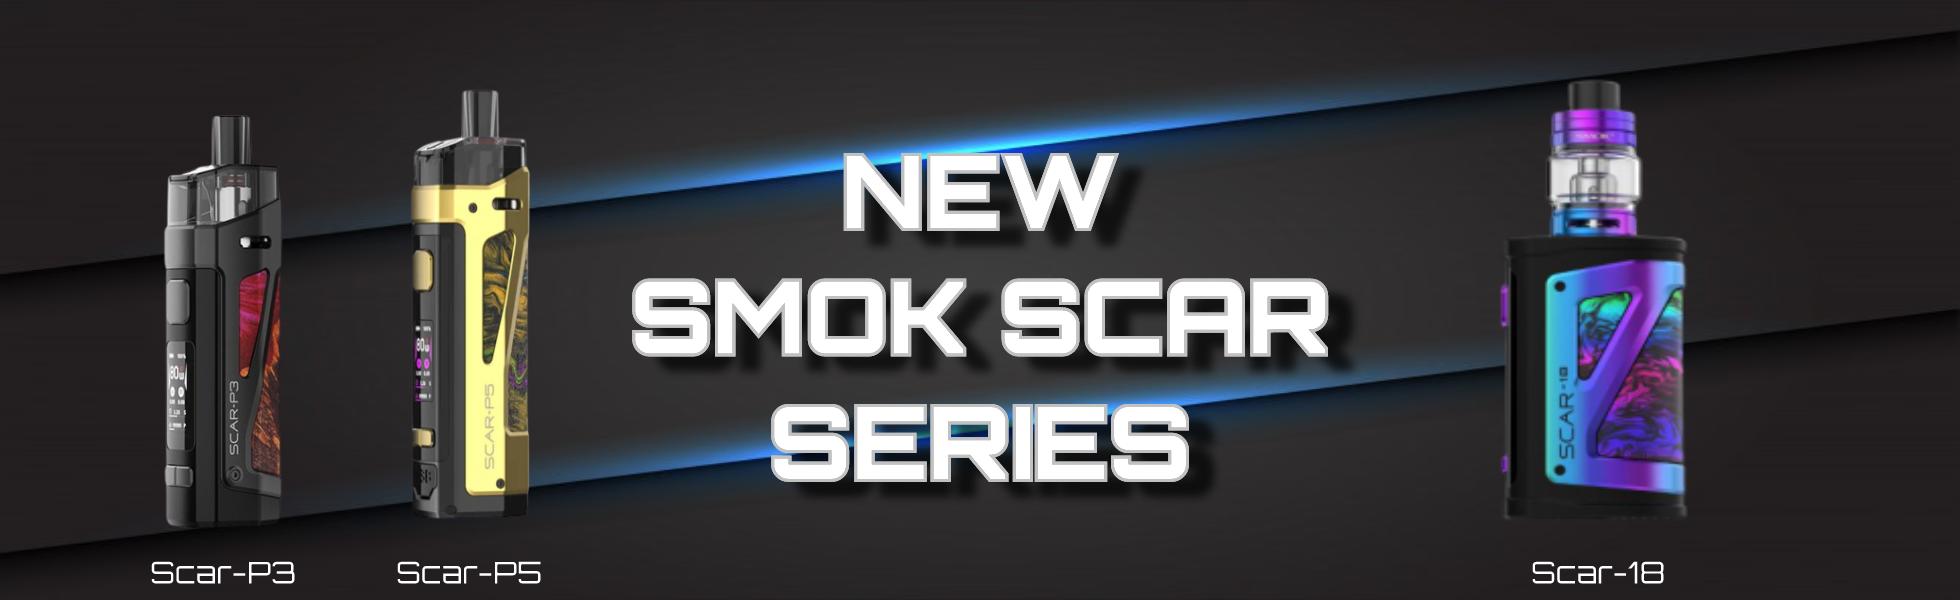 Smok Scar Series